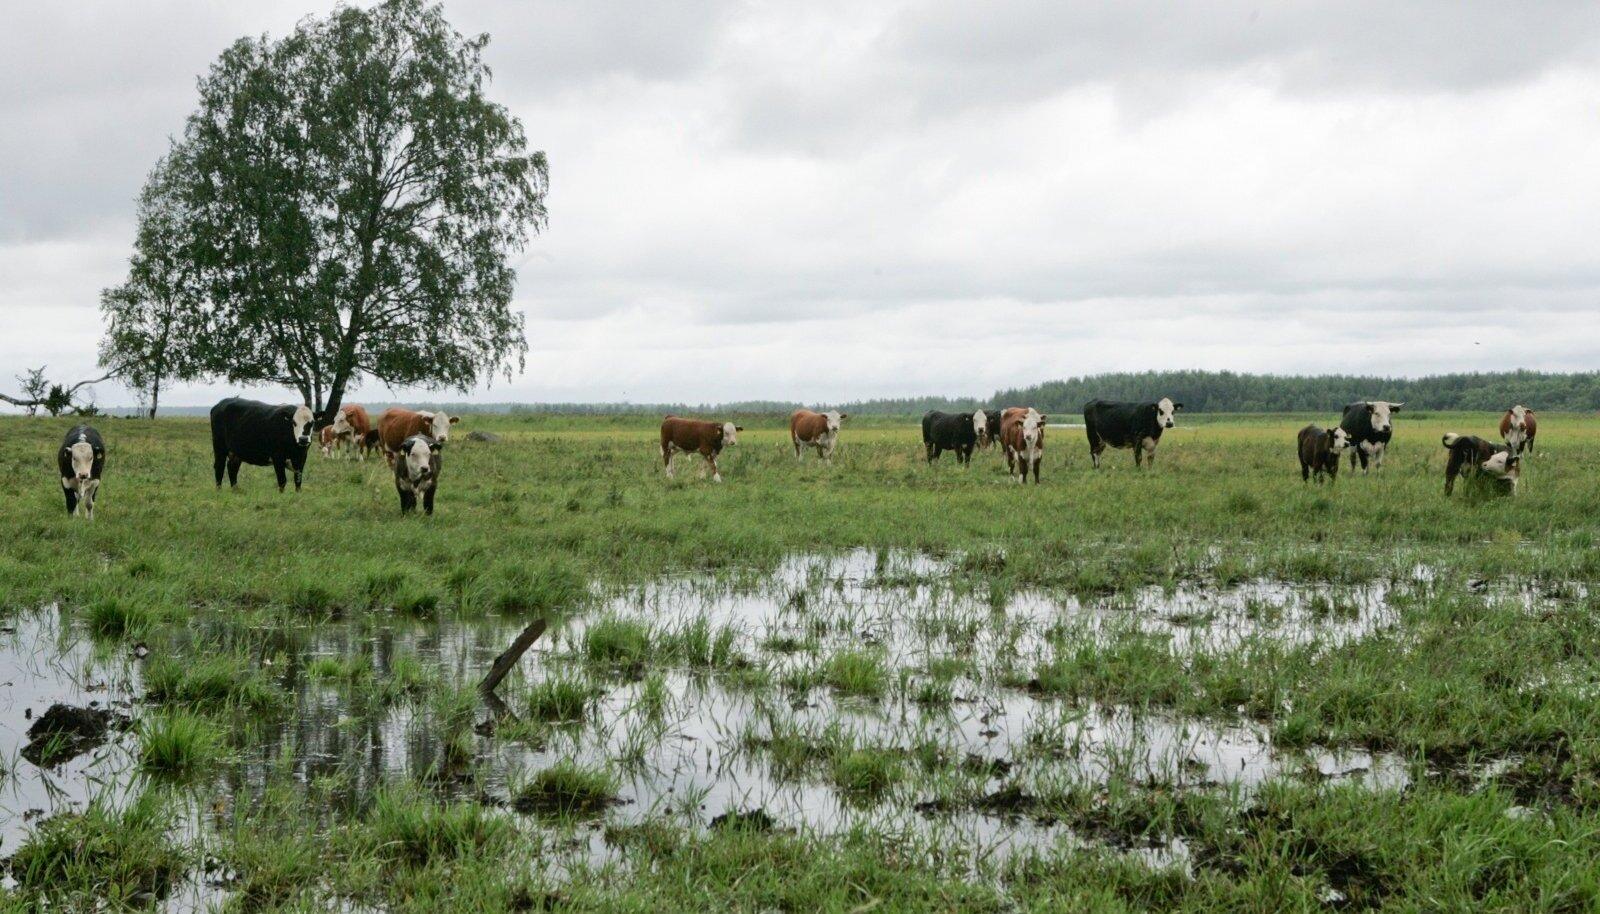 Uue ÜPP eelarve plaanides on loodusväärtuslike põllumaade toetamist ette nähtud veelgi vähem kui praegu.